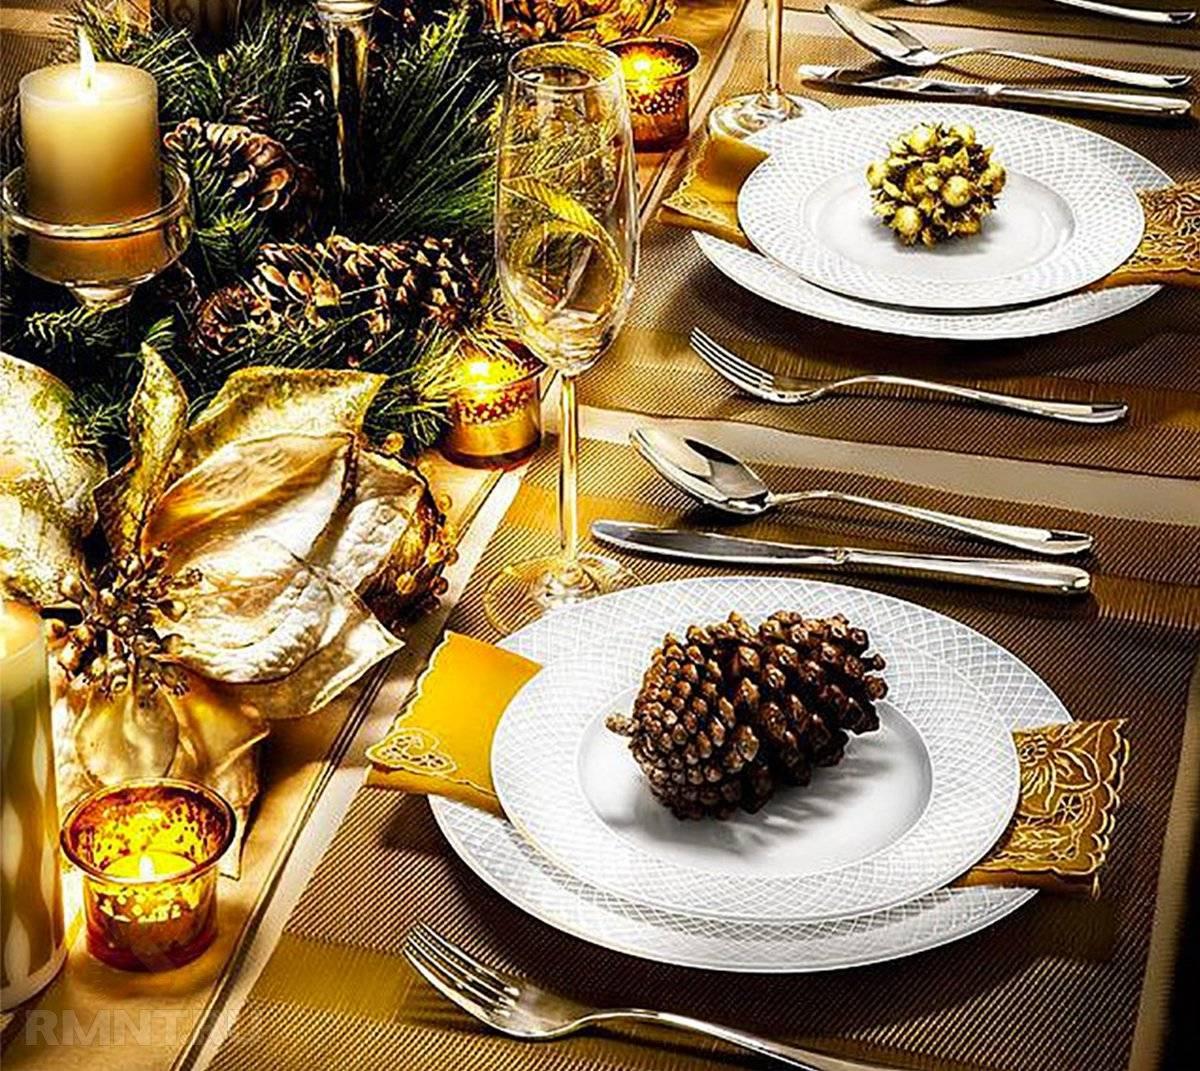 Как оформить праздничный новогодний стол к году Обезьяны?